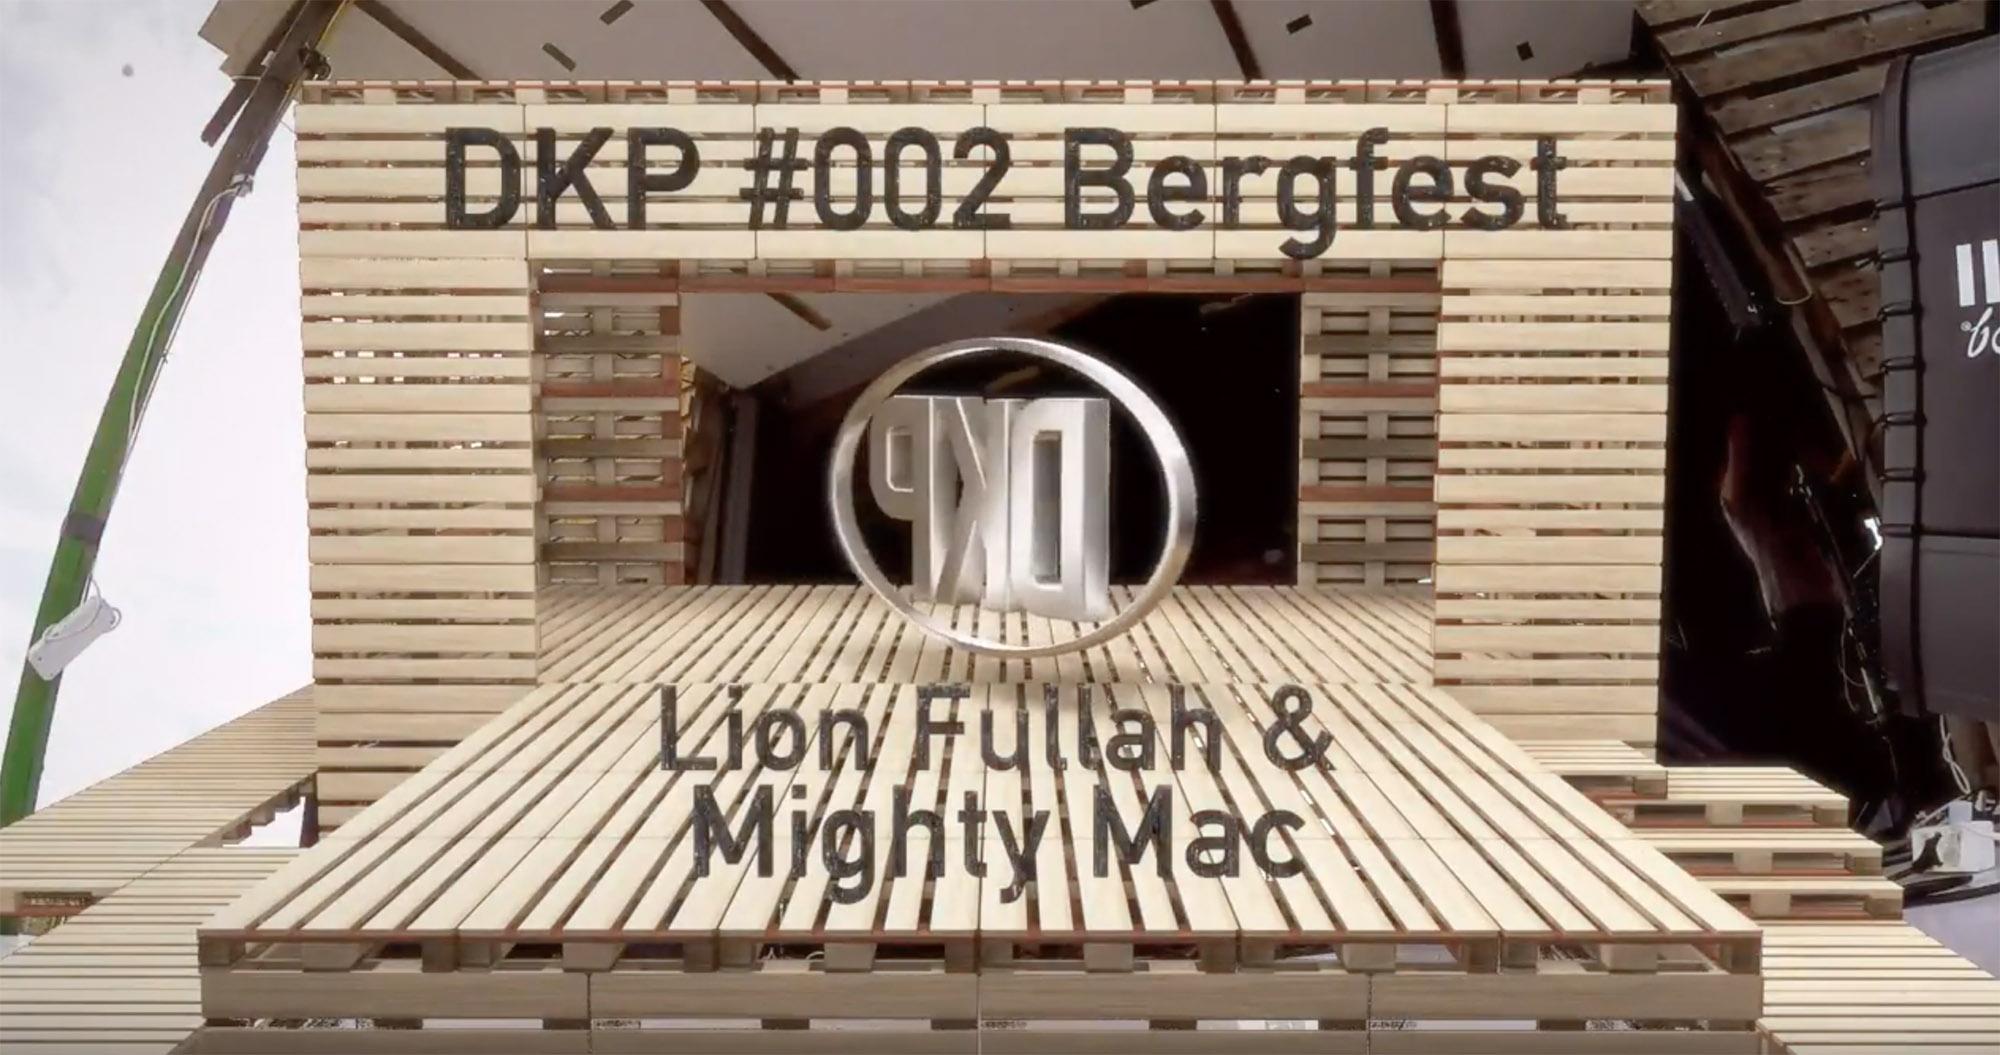 lion fullah & Mighty Mac